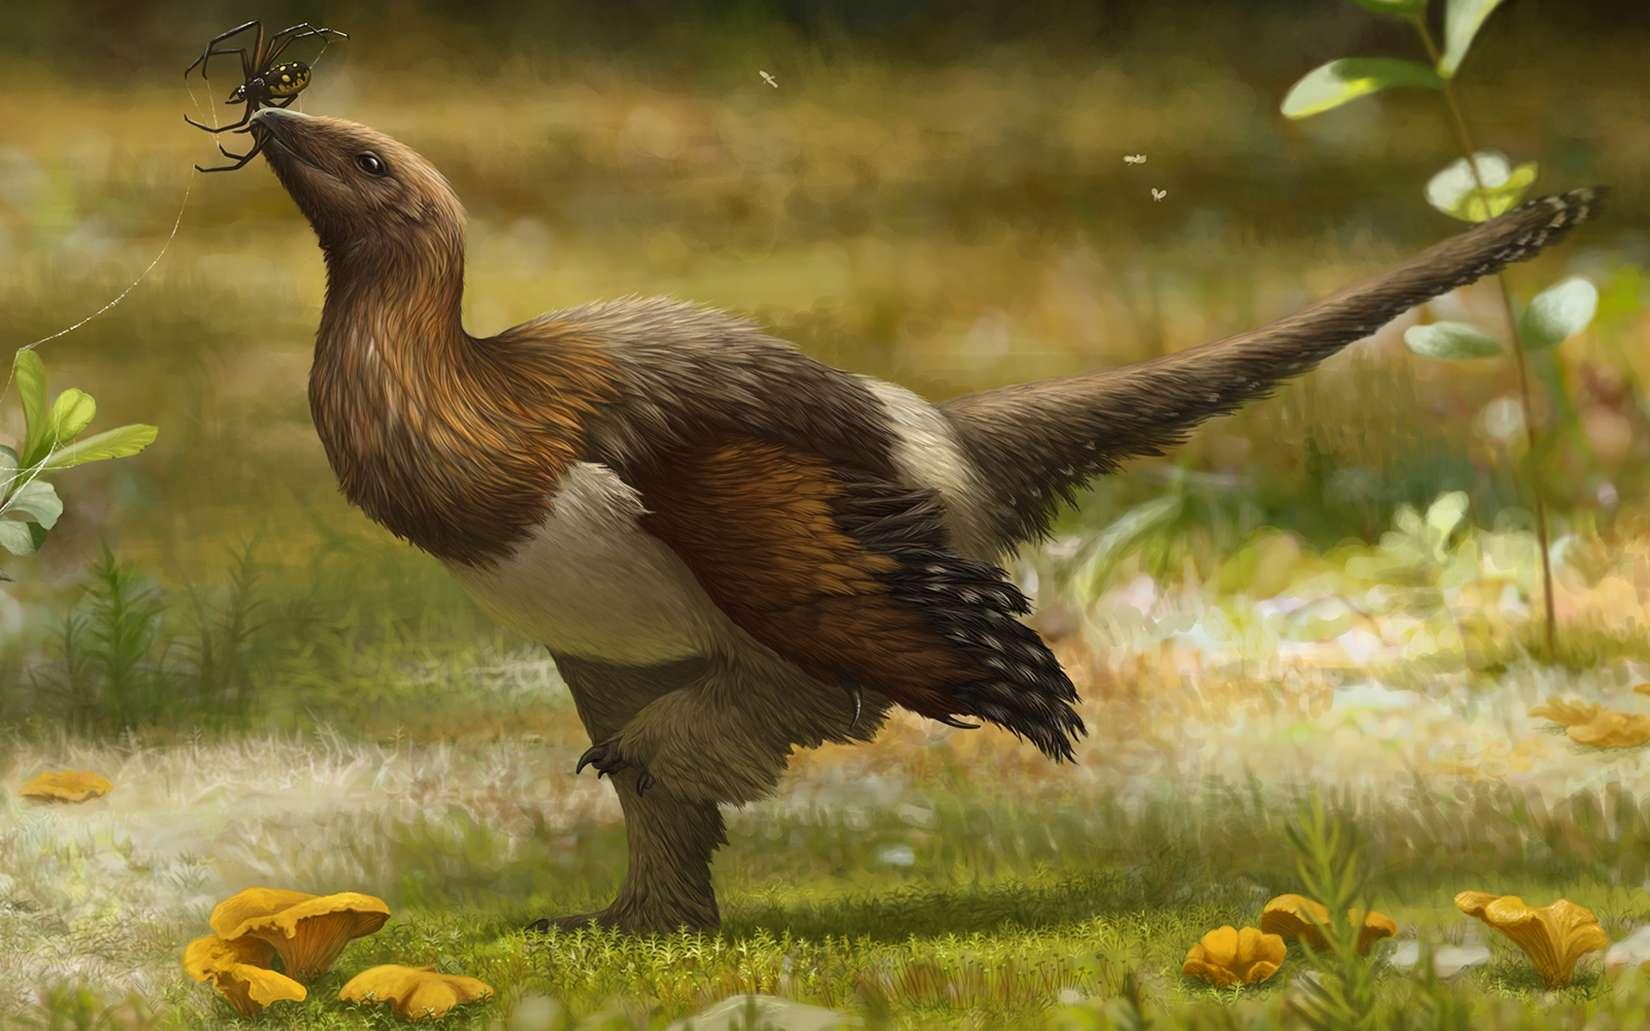 Une représentation de Serikornis sungei, alias Silky, un dinosaure joliment plumé du Jurassique. © Emily Willougby, CC by-sa 4.0